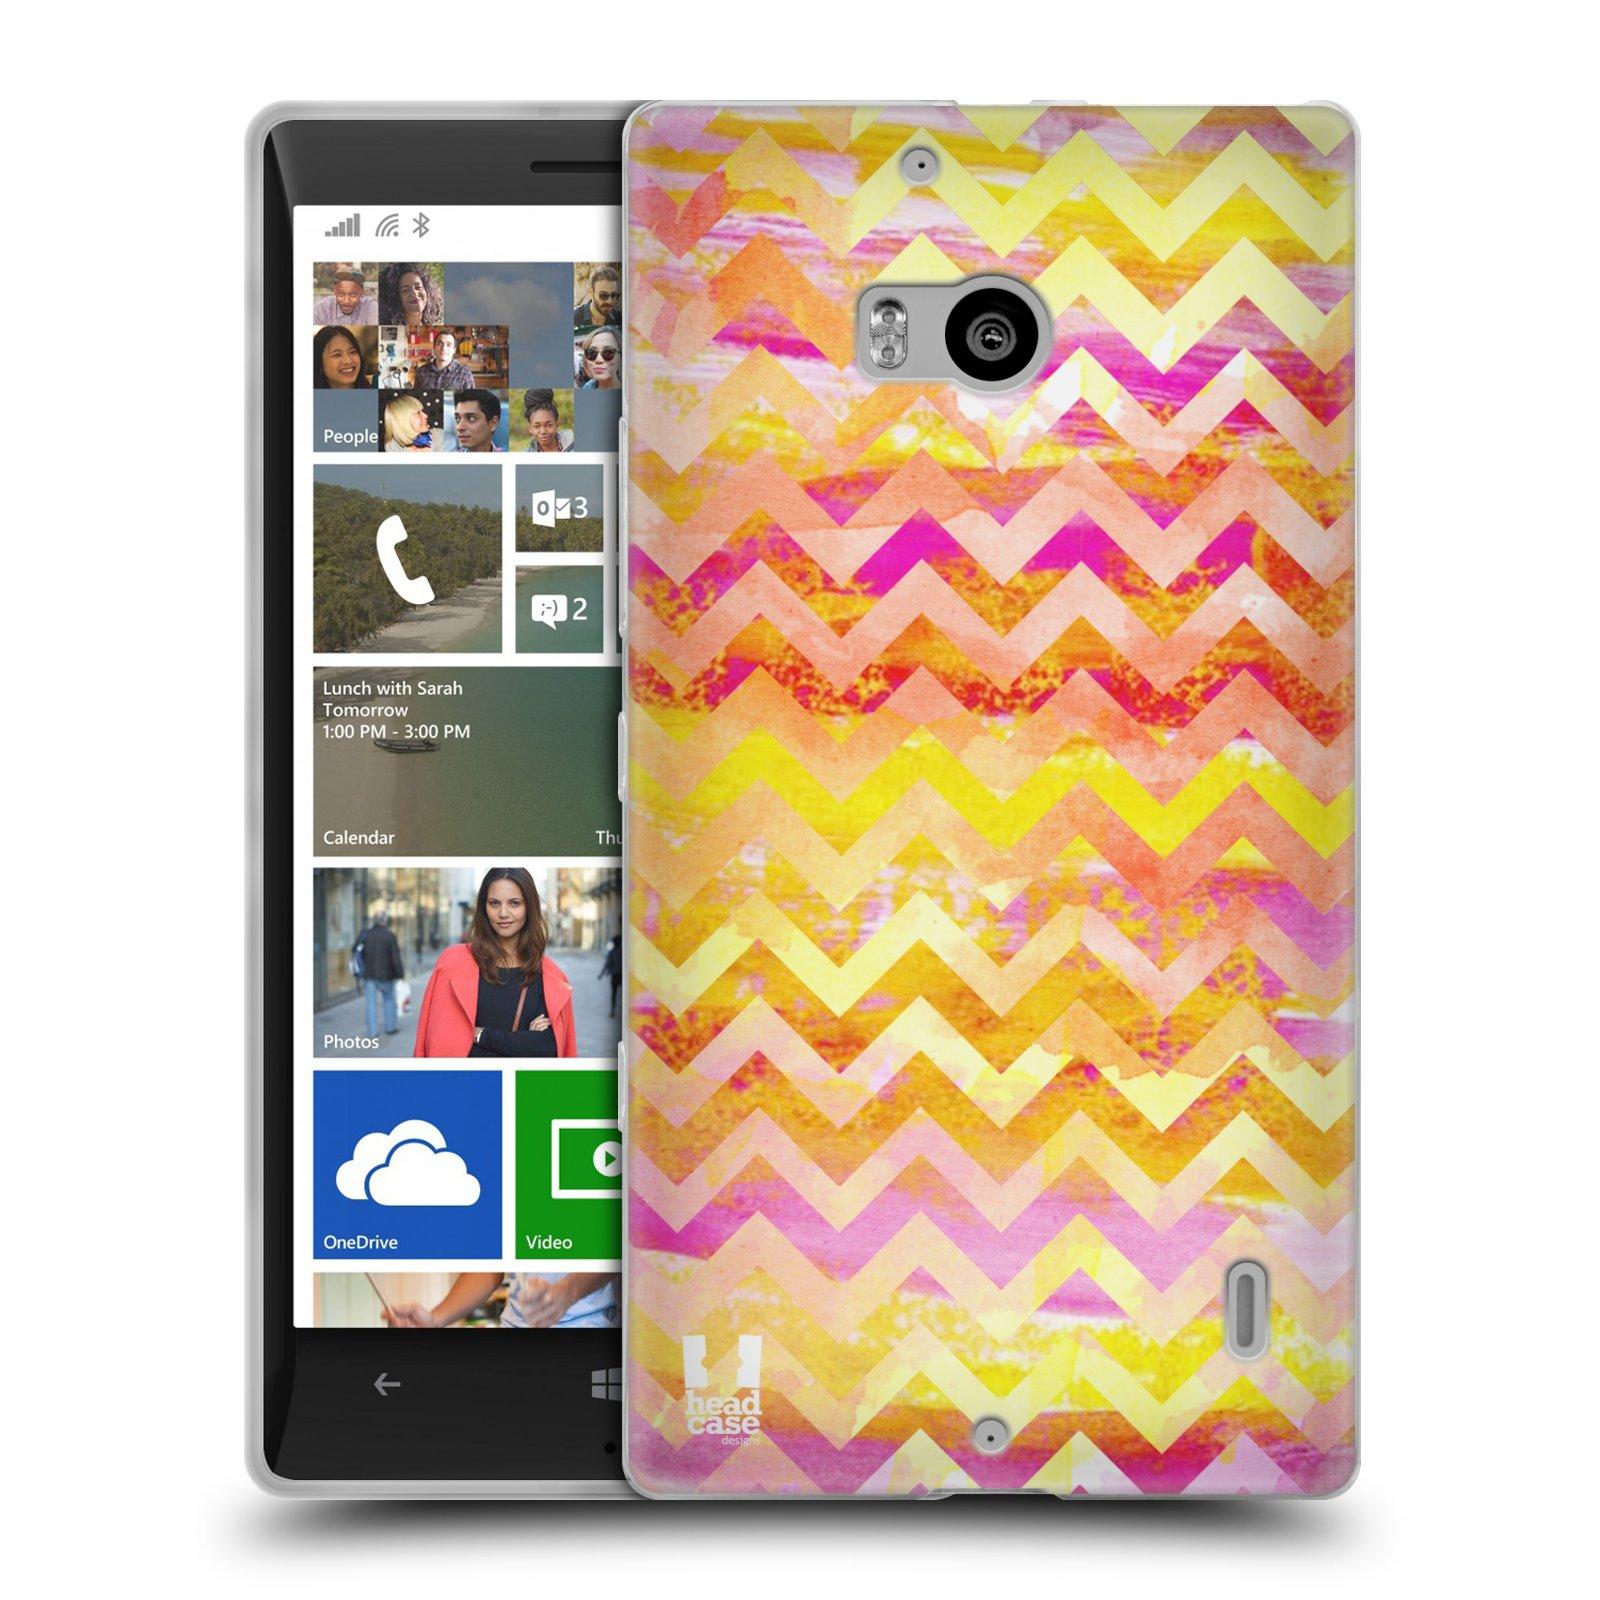 Silikonové pouzdro na mobil Nokia Lumia 930 HEAD CASE Yellow Chevron (Silikonový kryt či obal na mobilní telefon Nokia Lumia 930)